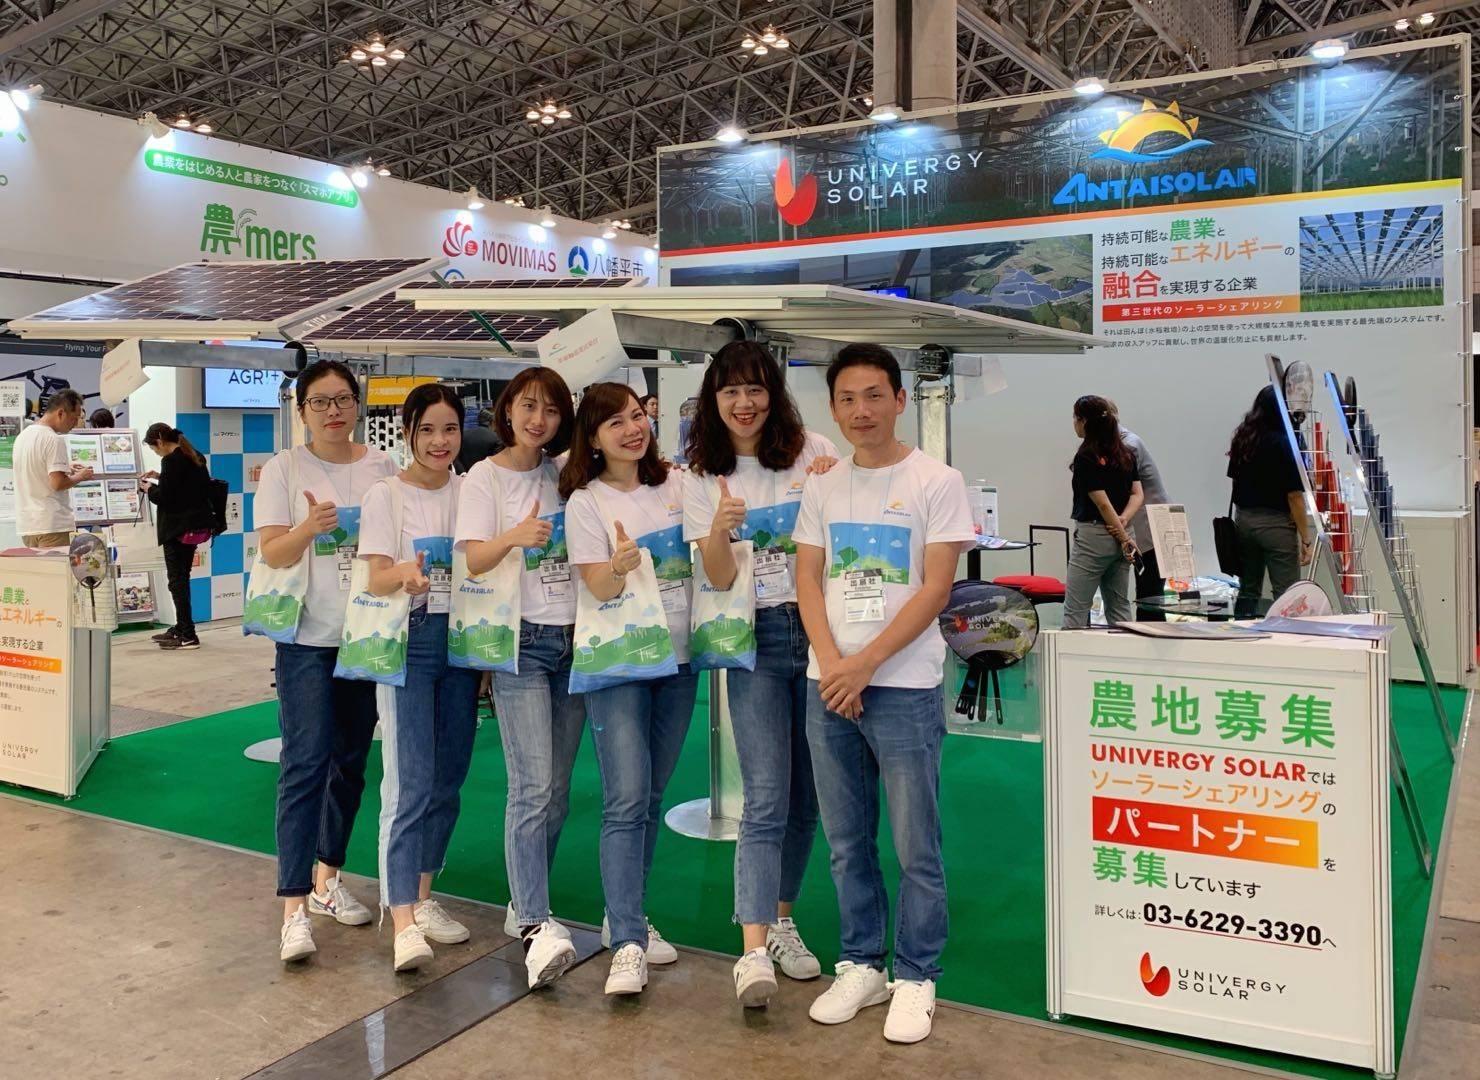 福建安泰在马来IGEM展、日本农业展双展满载而归